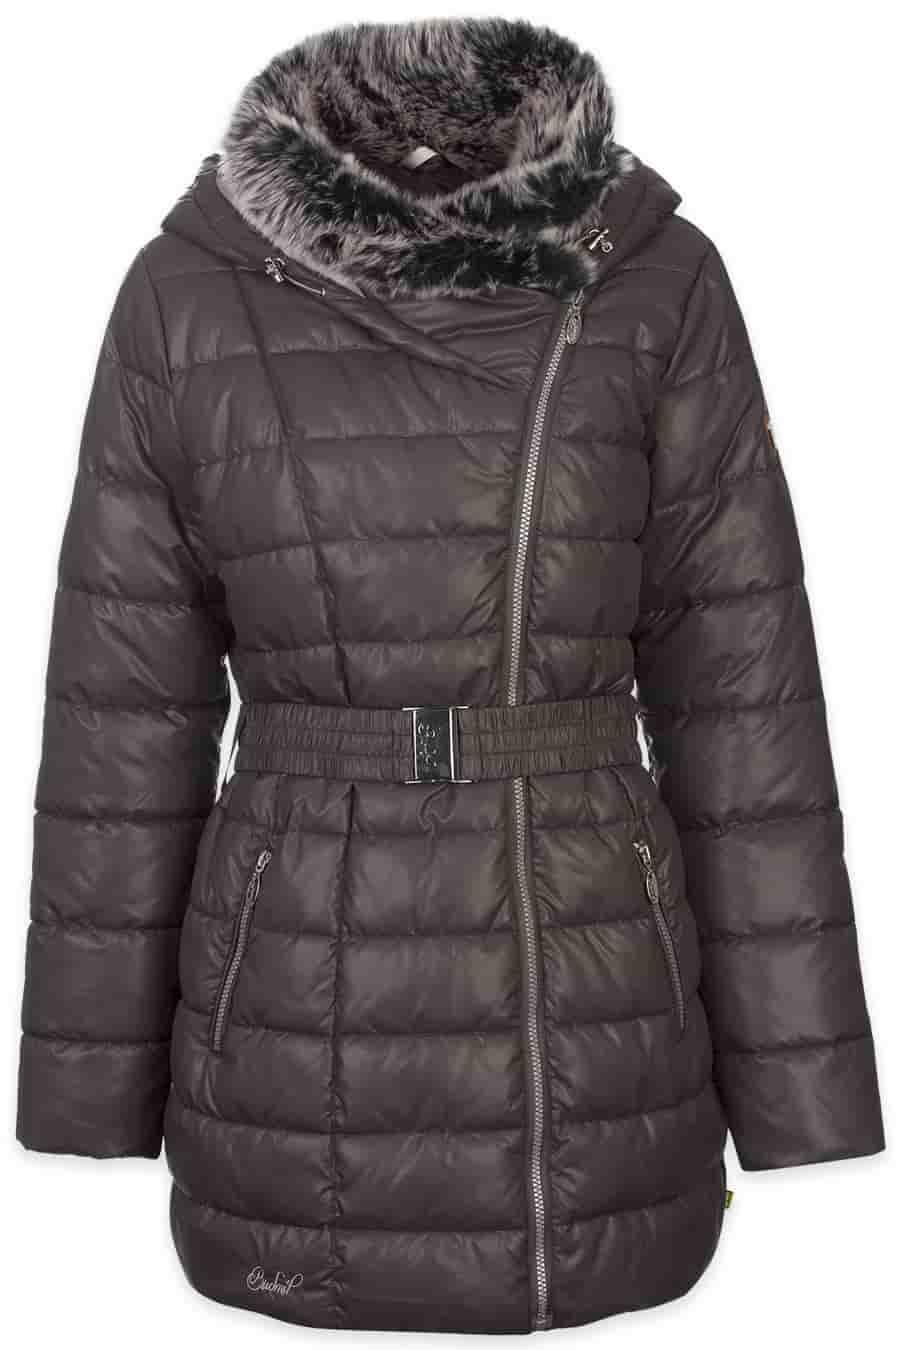 A női kabát akció remek lehetőséget kínál